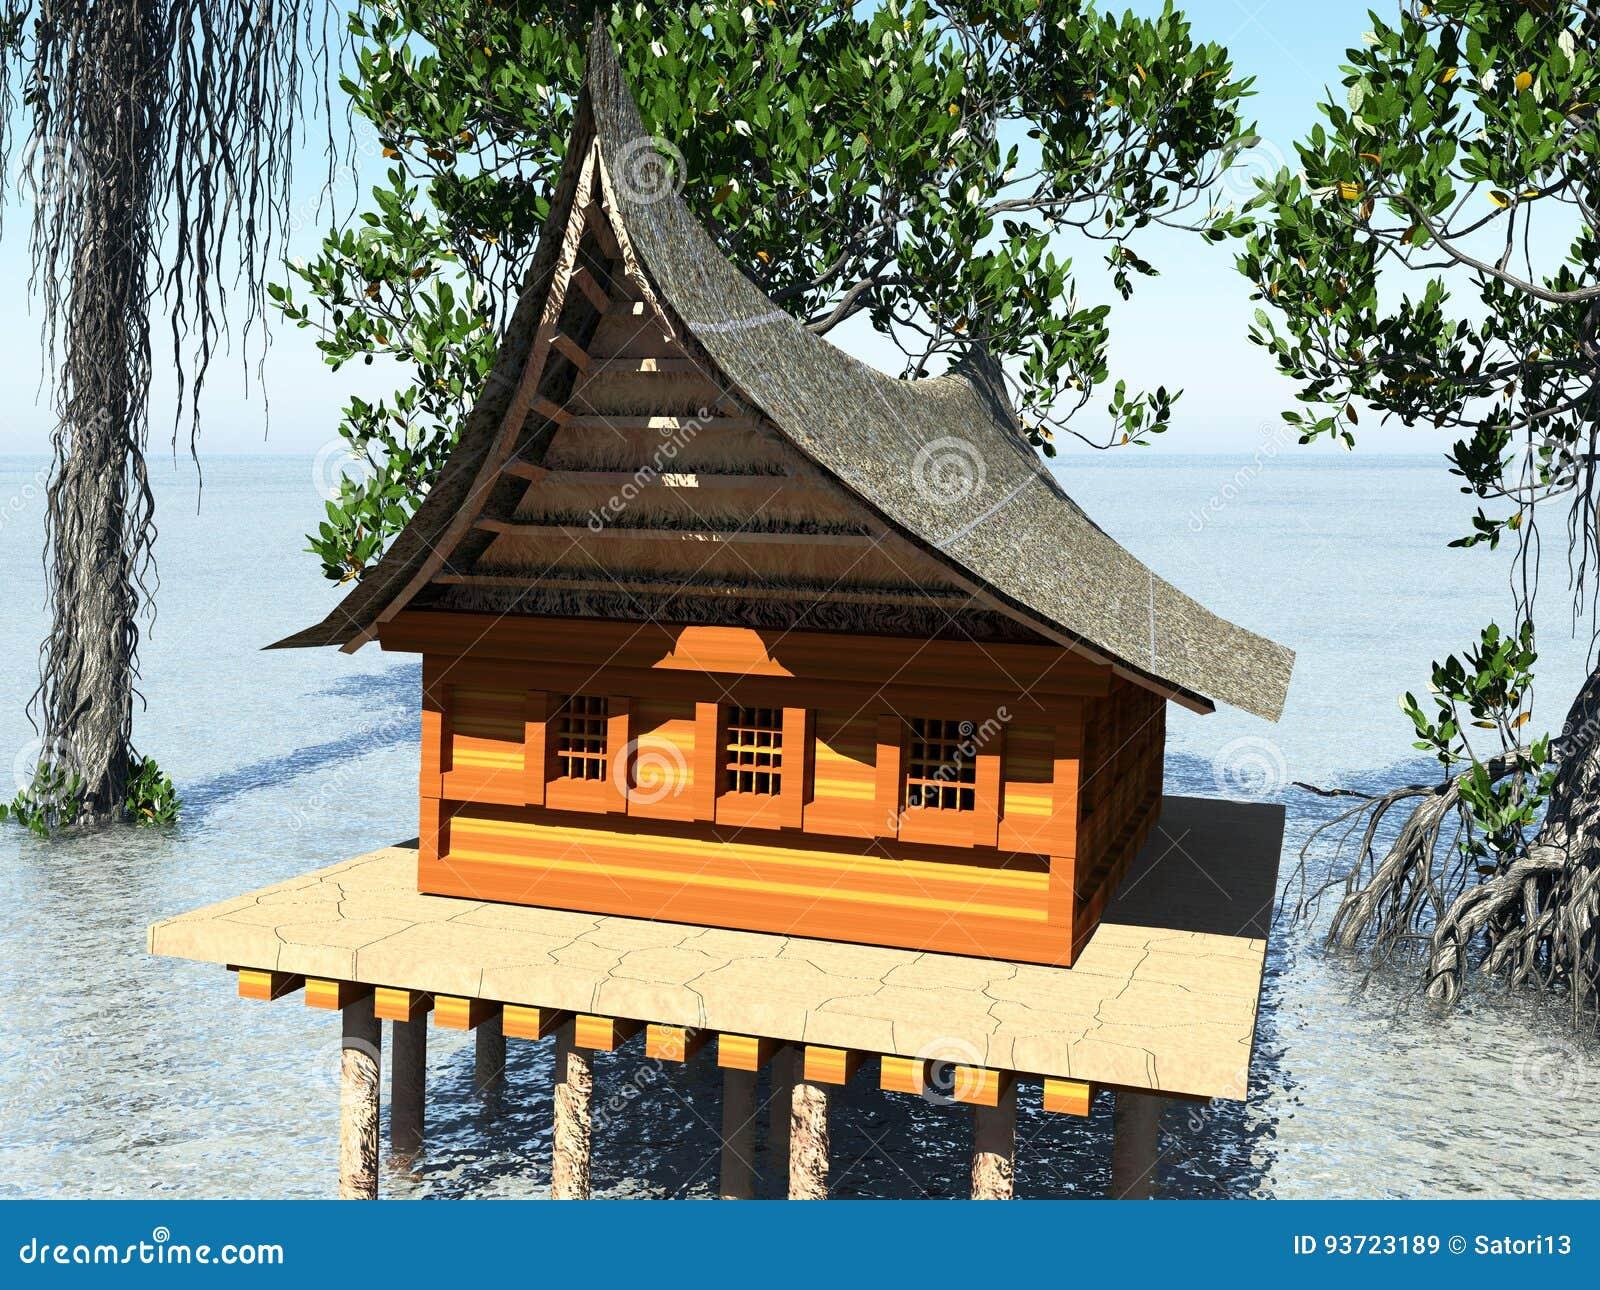 Anspruchsvoll Haus Auf Stelzen Beste Wahl In Der Wiedergabe Der Mangrovenwaldstrandarchitektur 3d